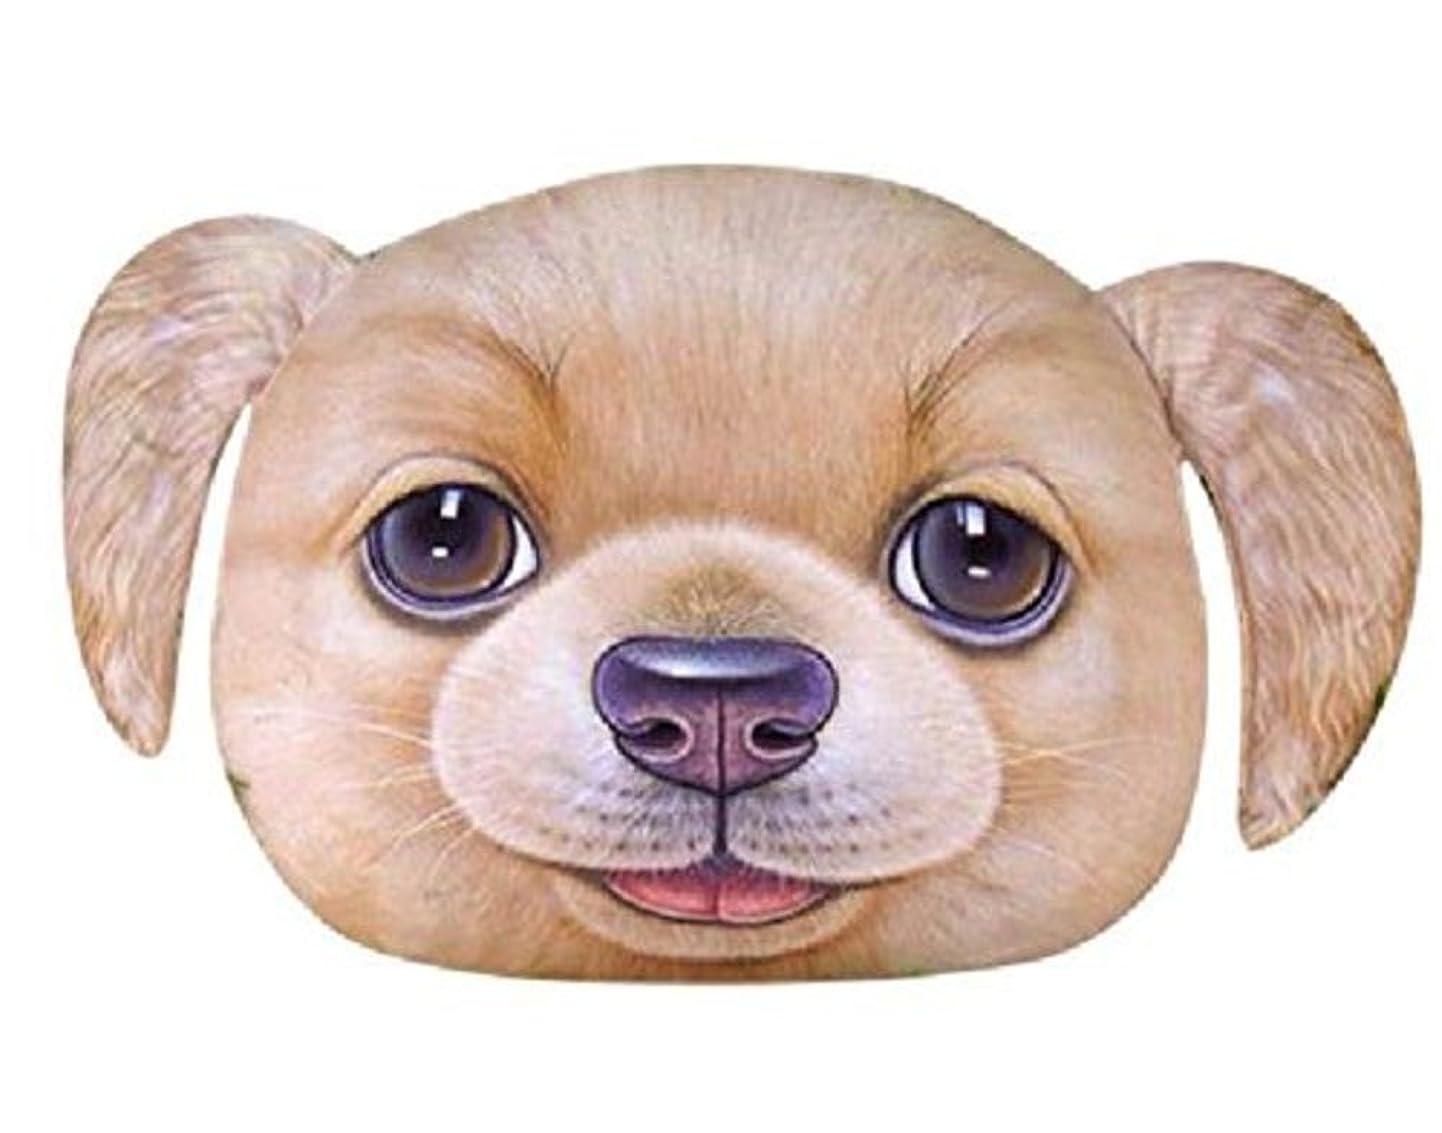 日帰り旅行にご意見テセウスAnesZakka 癒されすぎてわんダフル 大きい リアル 犬顔 猫顔 インテリア 抱き枕 クッション (ゴールデンレトリバー)